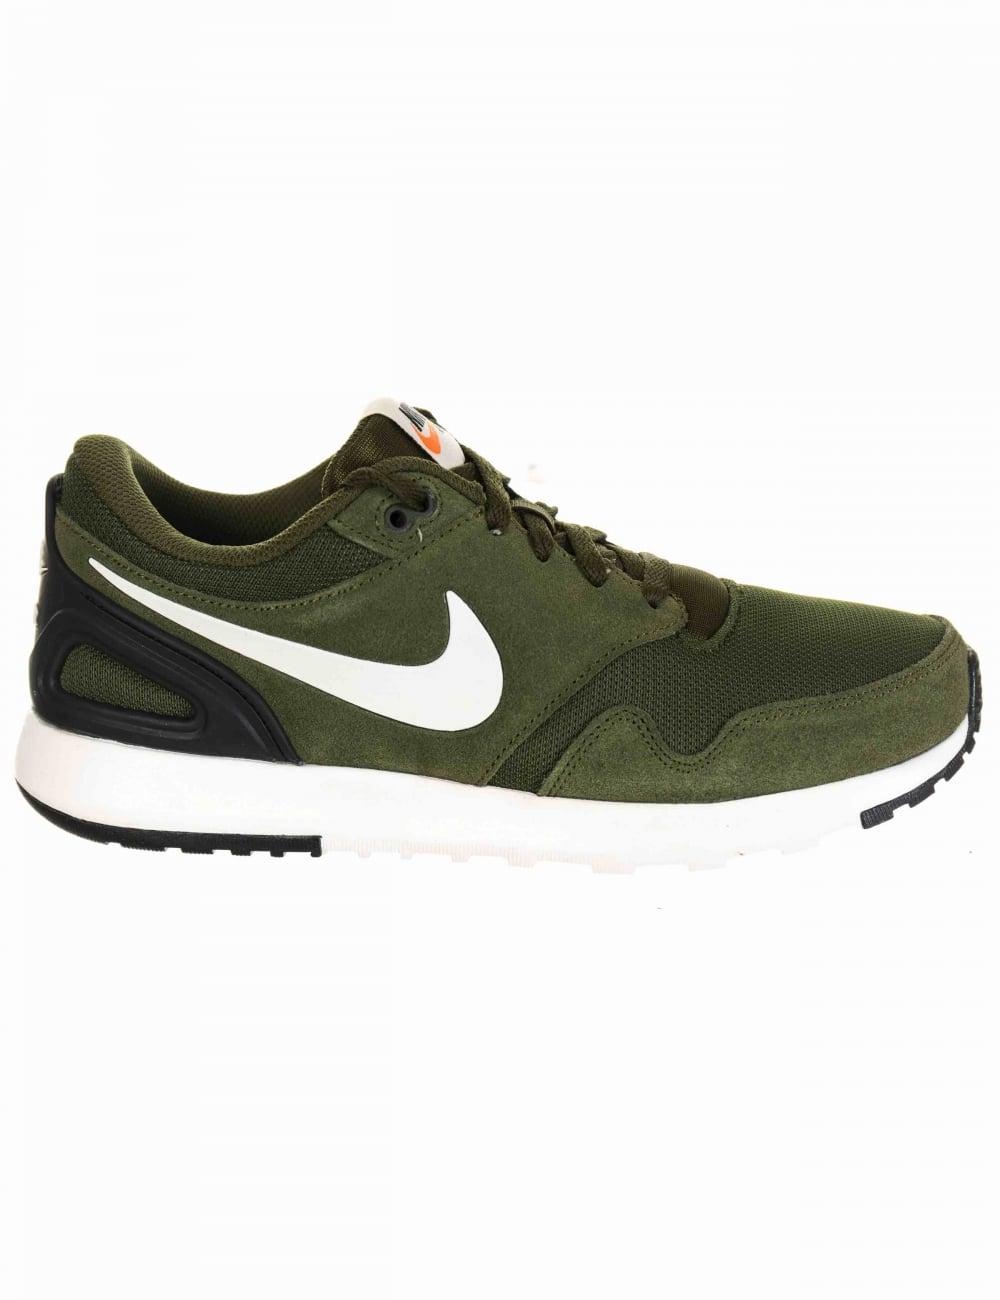 brand new 8dd4e 2eaa6 Air Vibenna Shoes - Legion Green/Sail